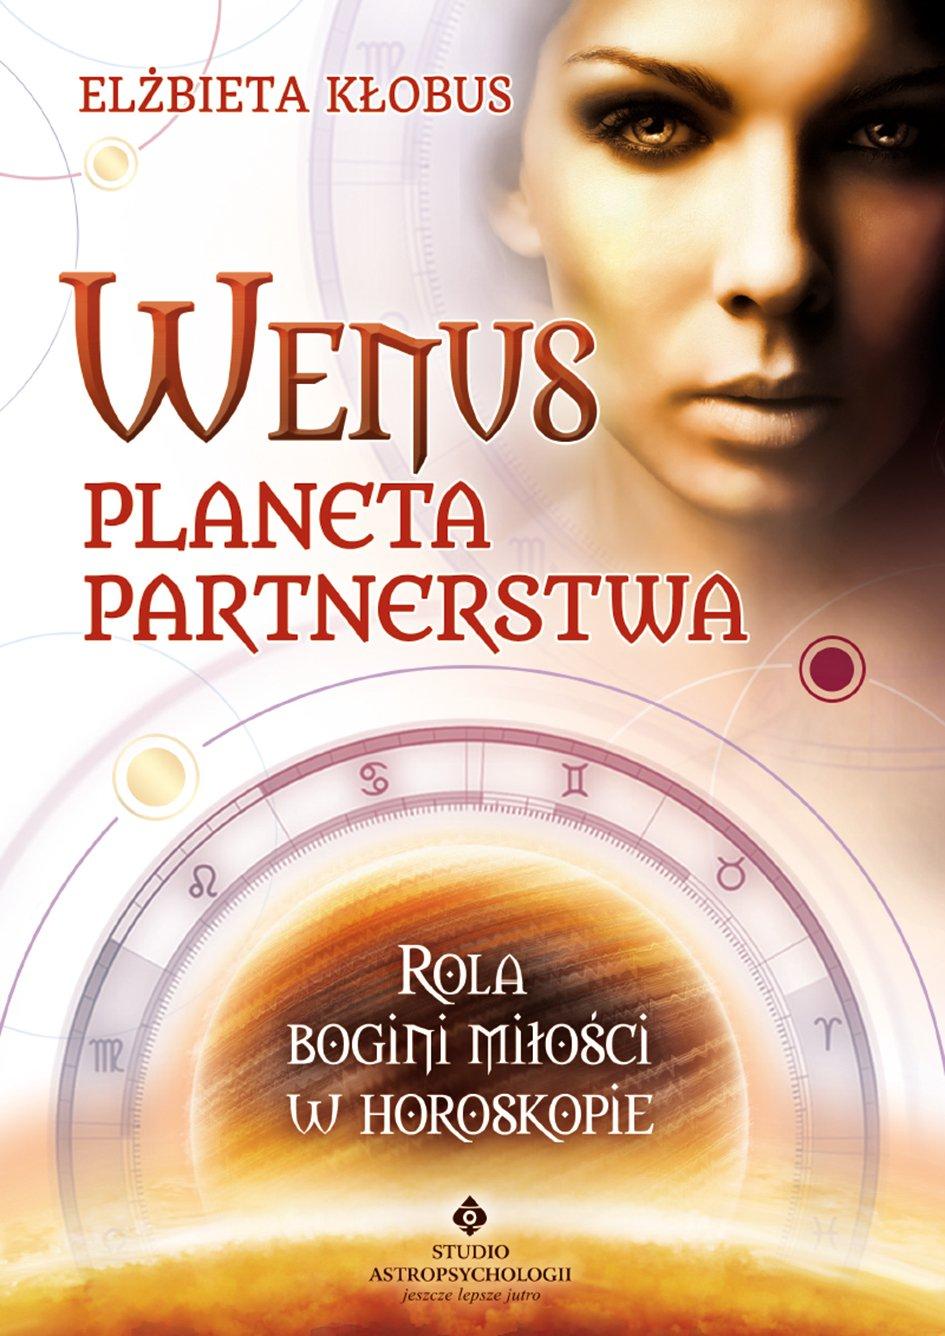 Wenus - planeta partnerstwa. Rola bogini miłości w horoskopie - Ebook (Książka EPUB) do pobrania w formacie EPUB